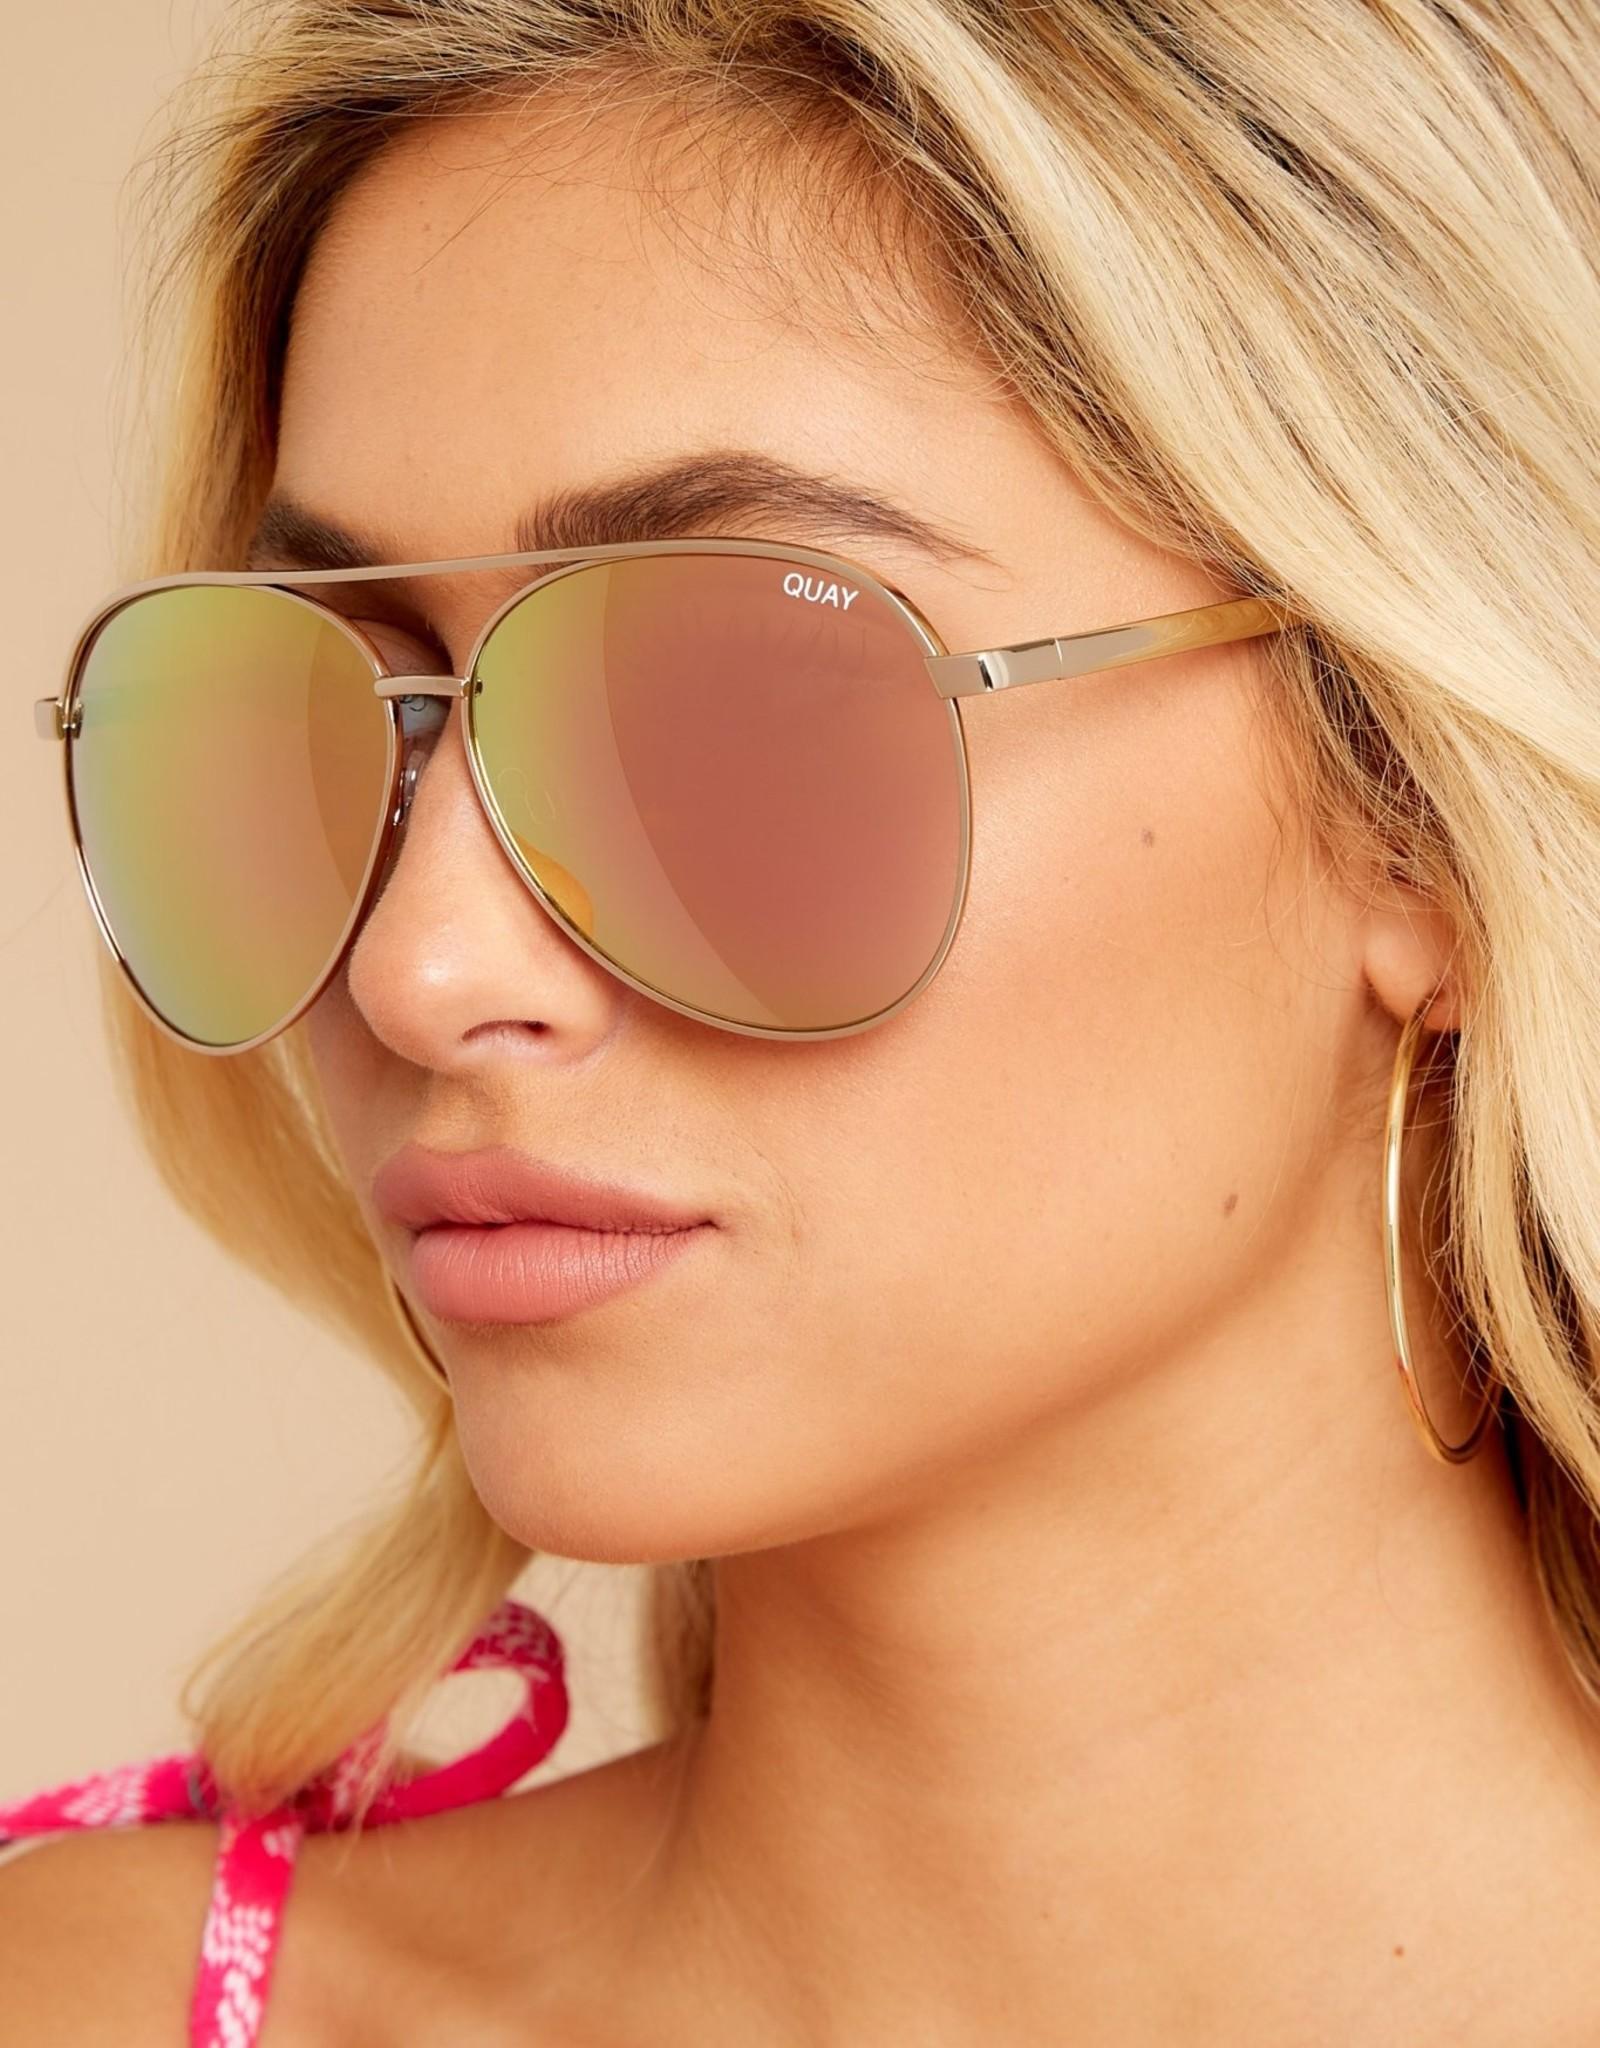 Quay Quay Vivienne Sunglasses Gold/Rose